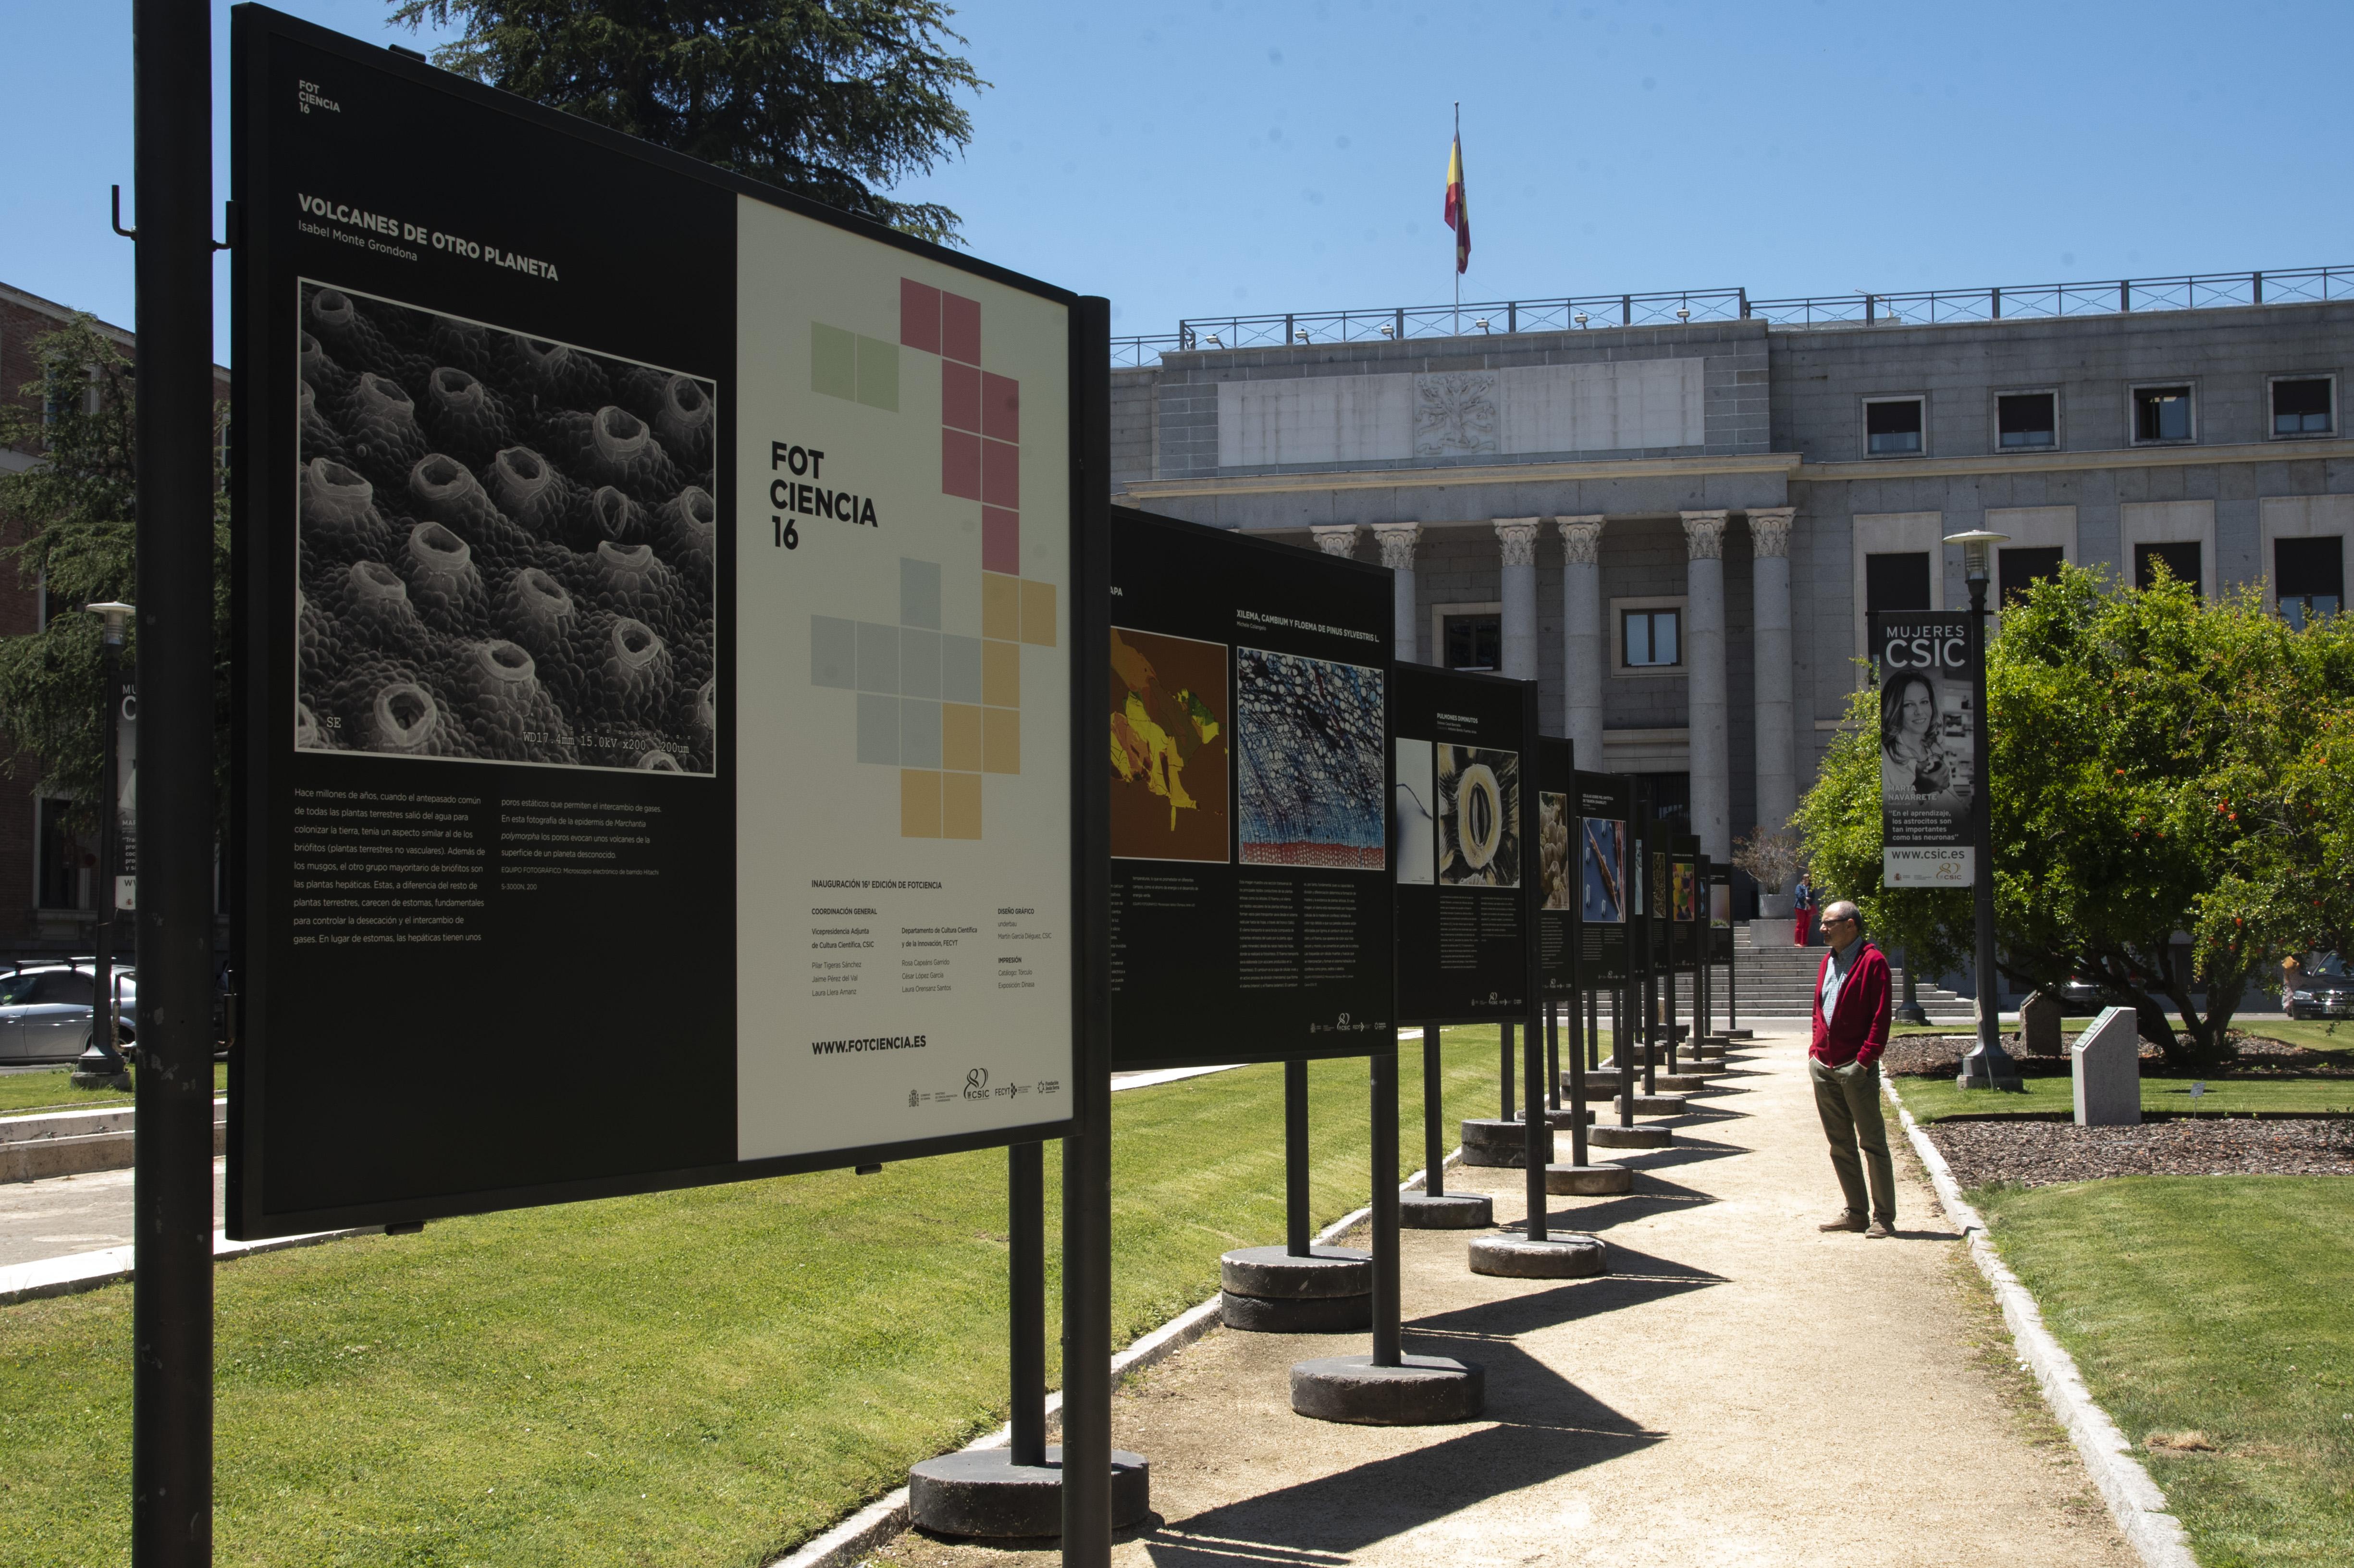 imagen de La muestra que se inaugura mañana en la sede central del CSIC./ SANDRA DÍEZ